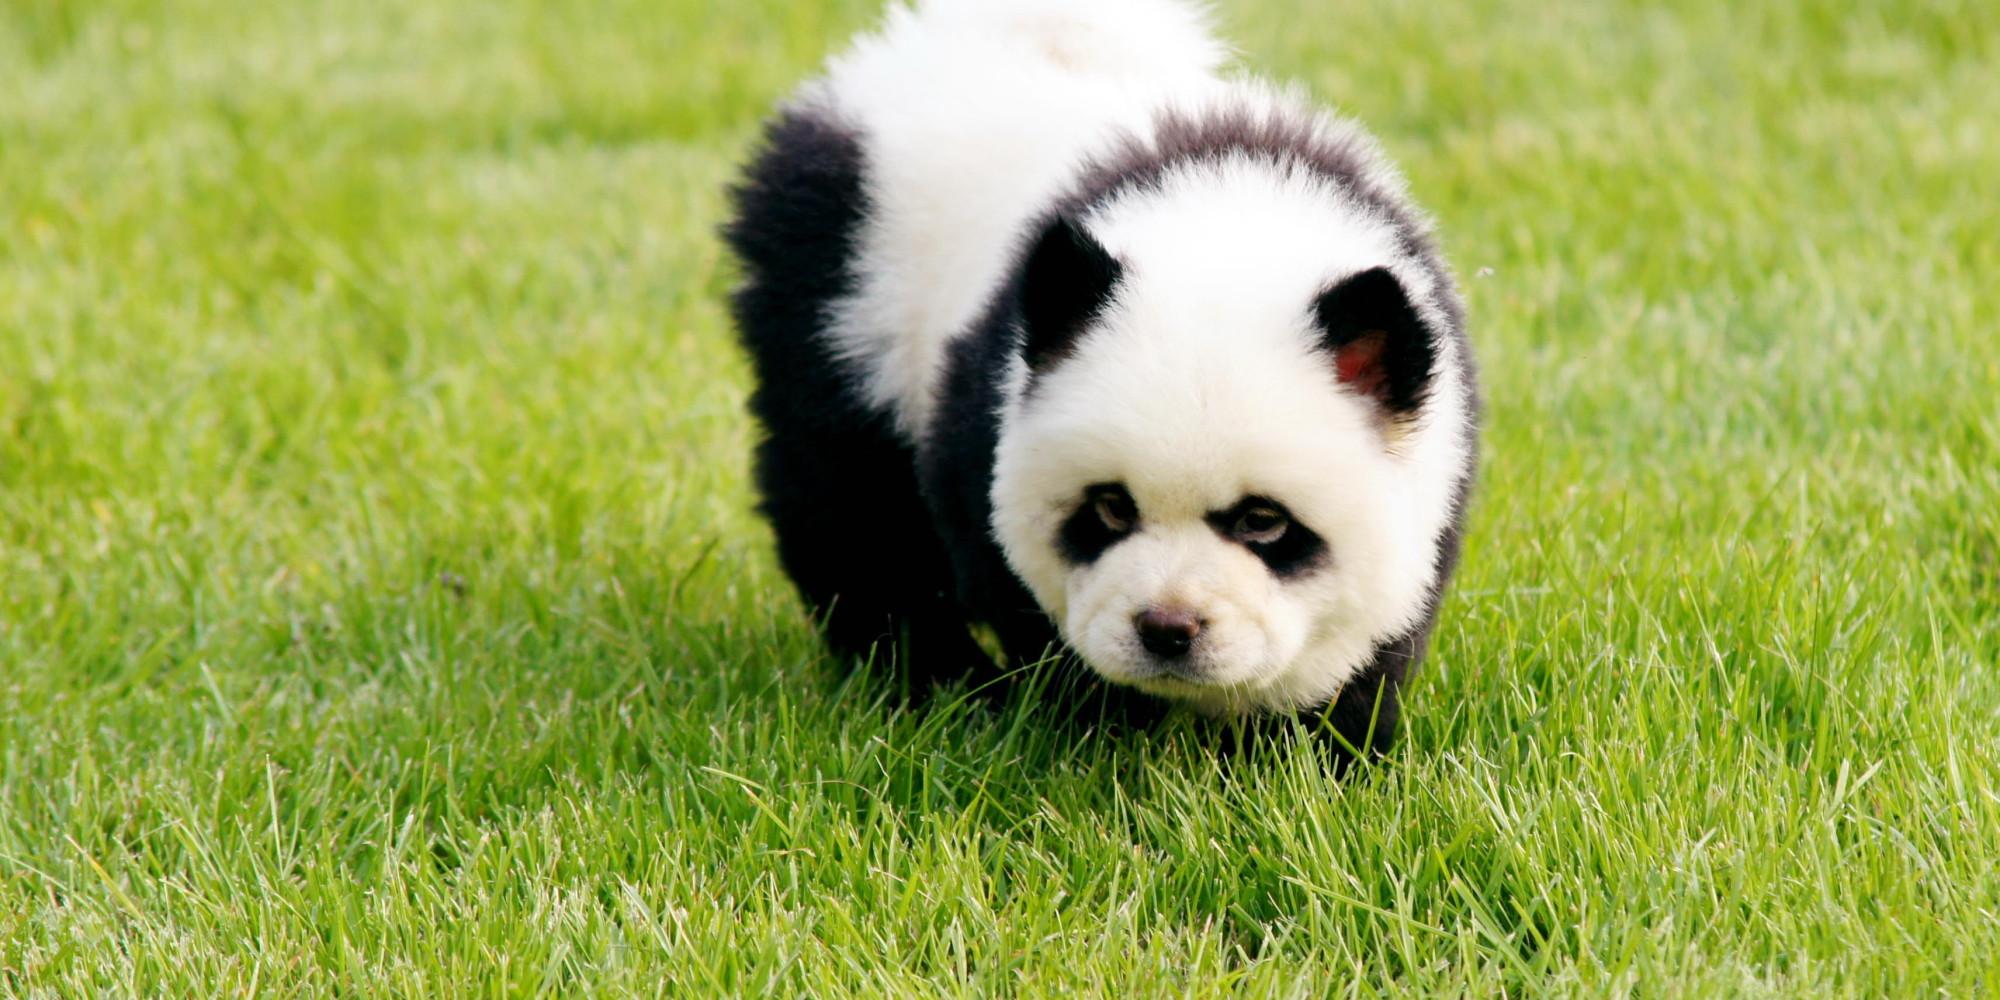 die pandas